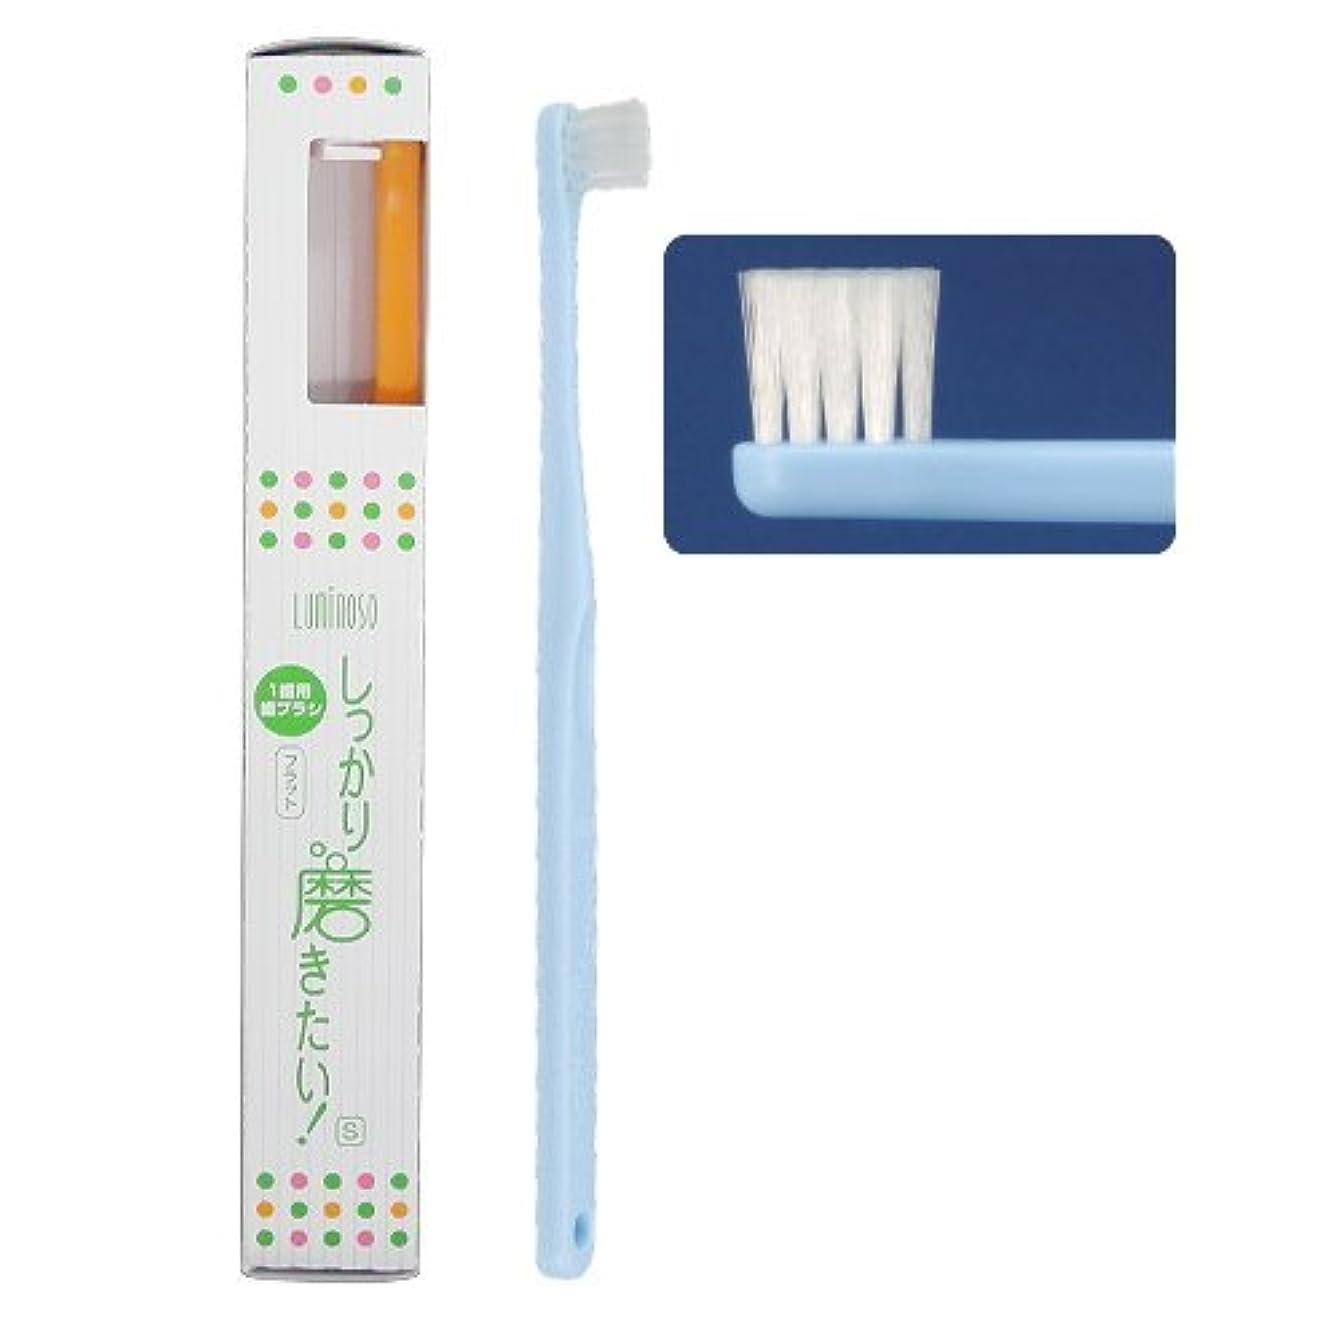 ヘッドレス強制的二十ルミノソ 1歯用歯ブラシ 「しっかり磨きたい!」 フラット ソフト (カラー指定不可) 5本